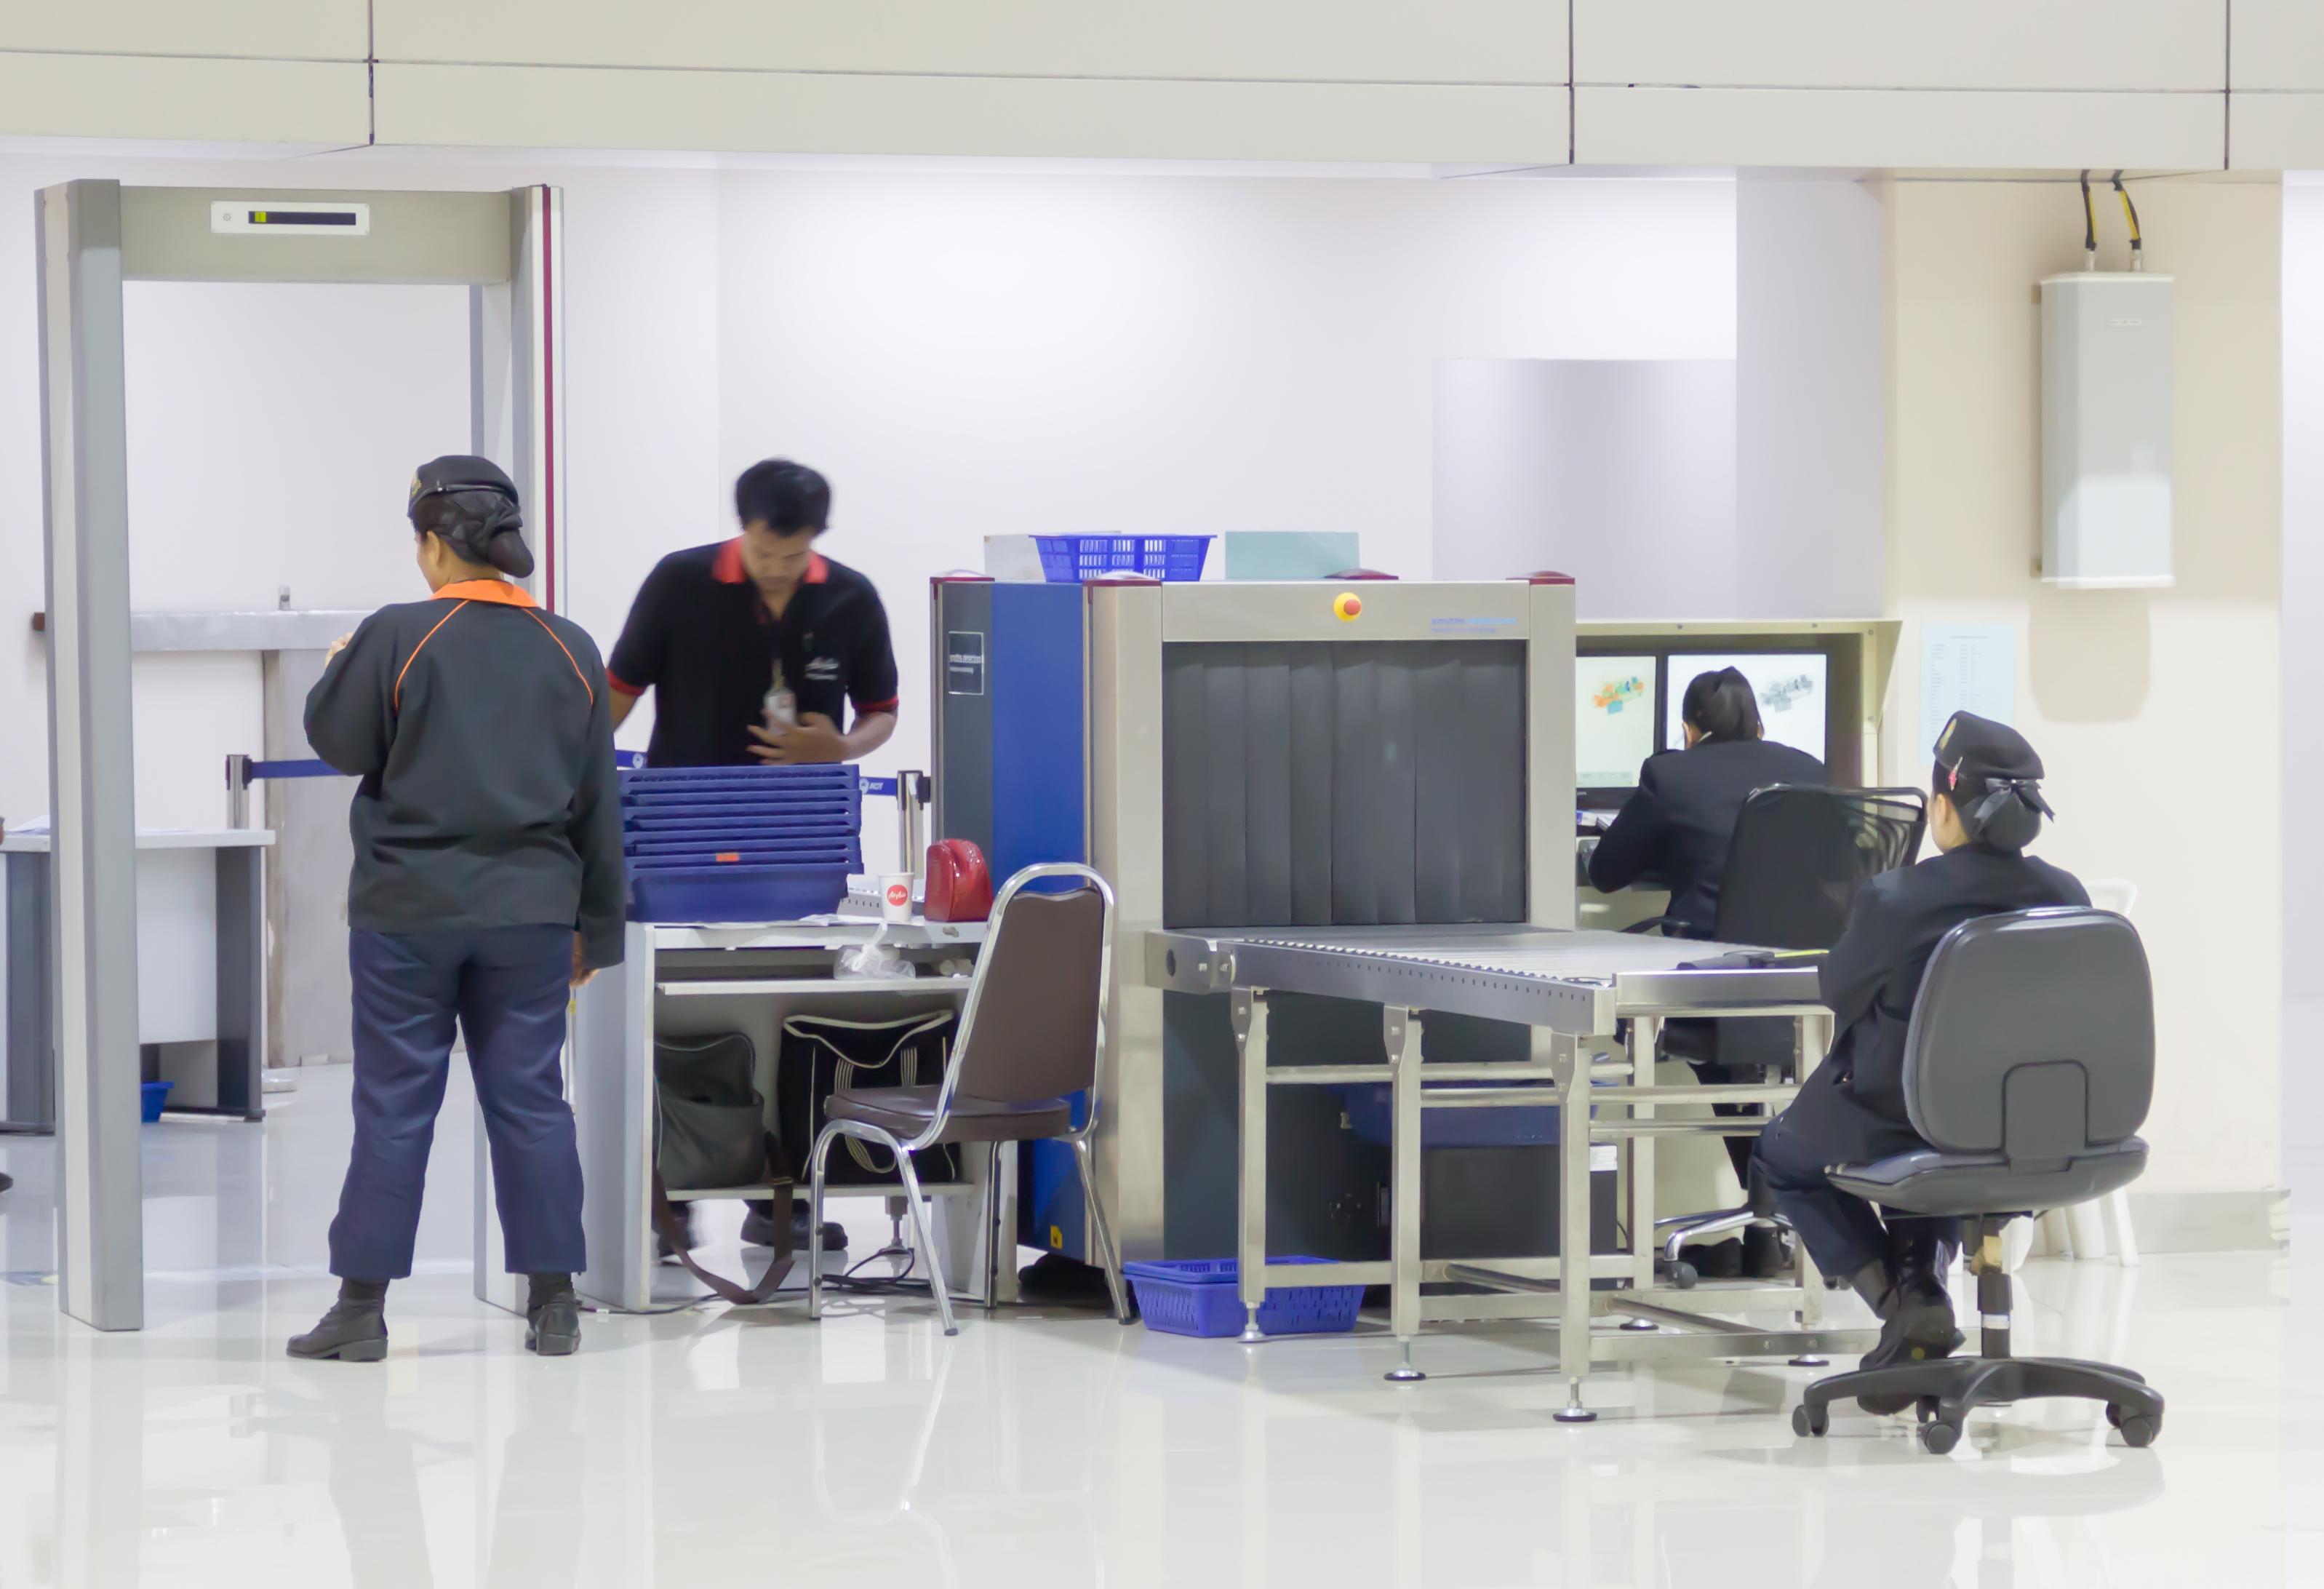 中國官企標得政府合同 加拿大介入調查